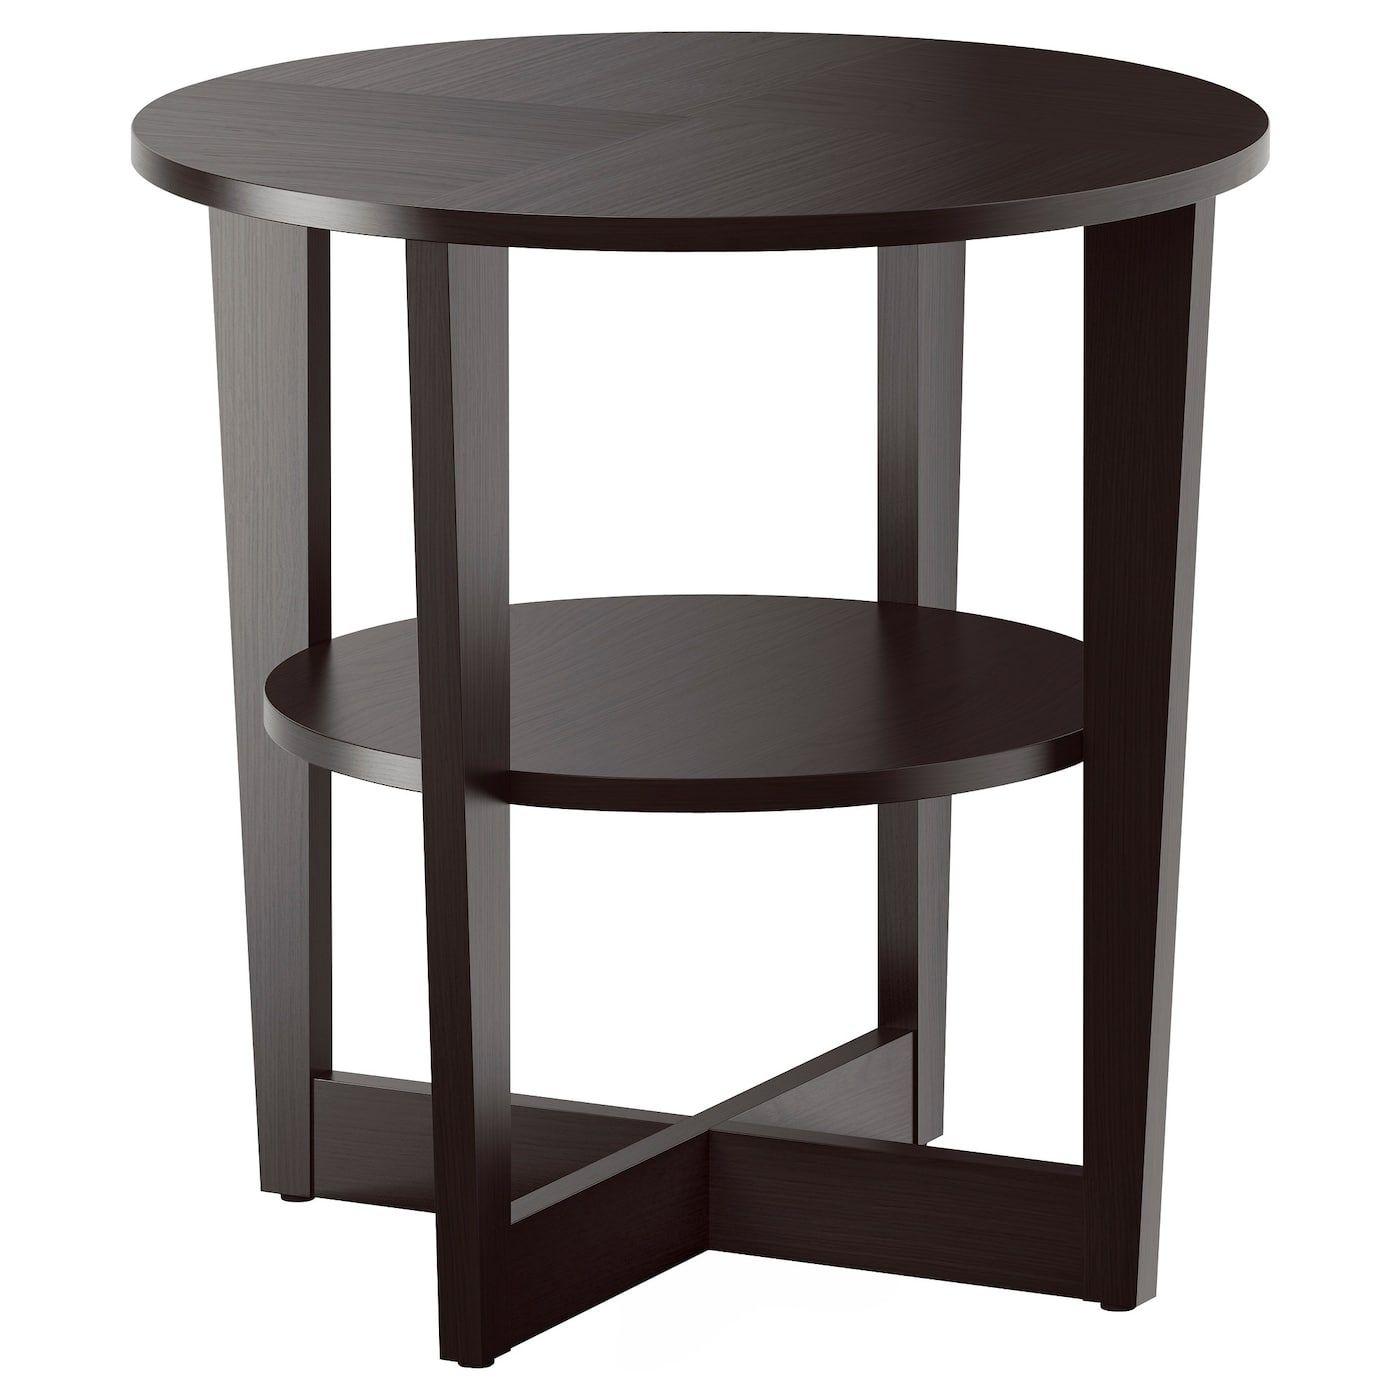 Vejmon Beistelltisch Schwarzbraun Ikea Osterreich Beistelltisch Rund Moderne Beistelltische Und Couchtisch Schwarz